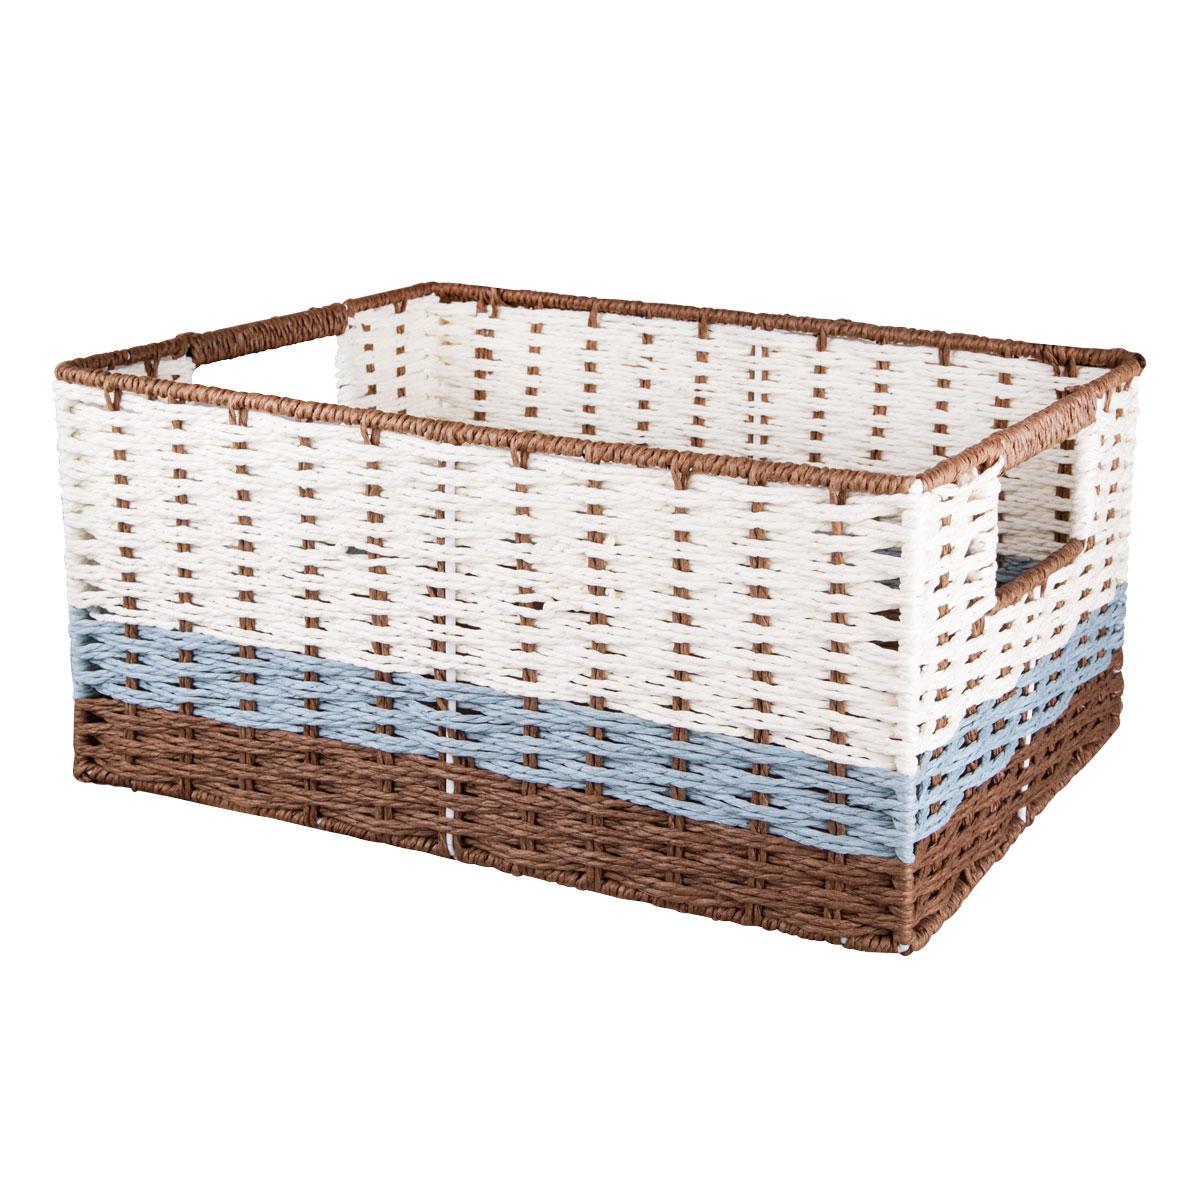 Корзина для хранения Miolla, с ручками, 31 х 23 х 15 смTD 0033Вместительная плетеная корзина для хранения Miolla - отличное решение для хранения. Корзина имеет жесткую конструкцию, снабжена удобными ручками. Подходит для хранения бытовых вещей, аксессуаров для рукоделия и других вещей дома и на даче. Экономьте полезное пространство своего дома, уберите ненужные вещи в удобную корзину и используйте ее для хранения дорогих сердцу вещей, которые нужно сберечь в целости и сохранности.